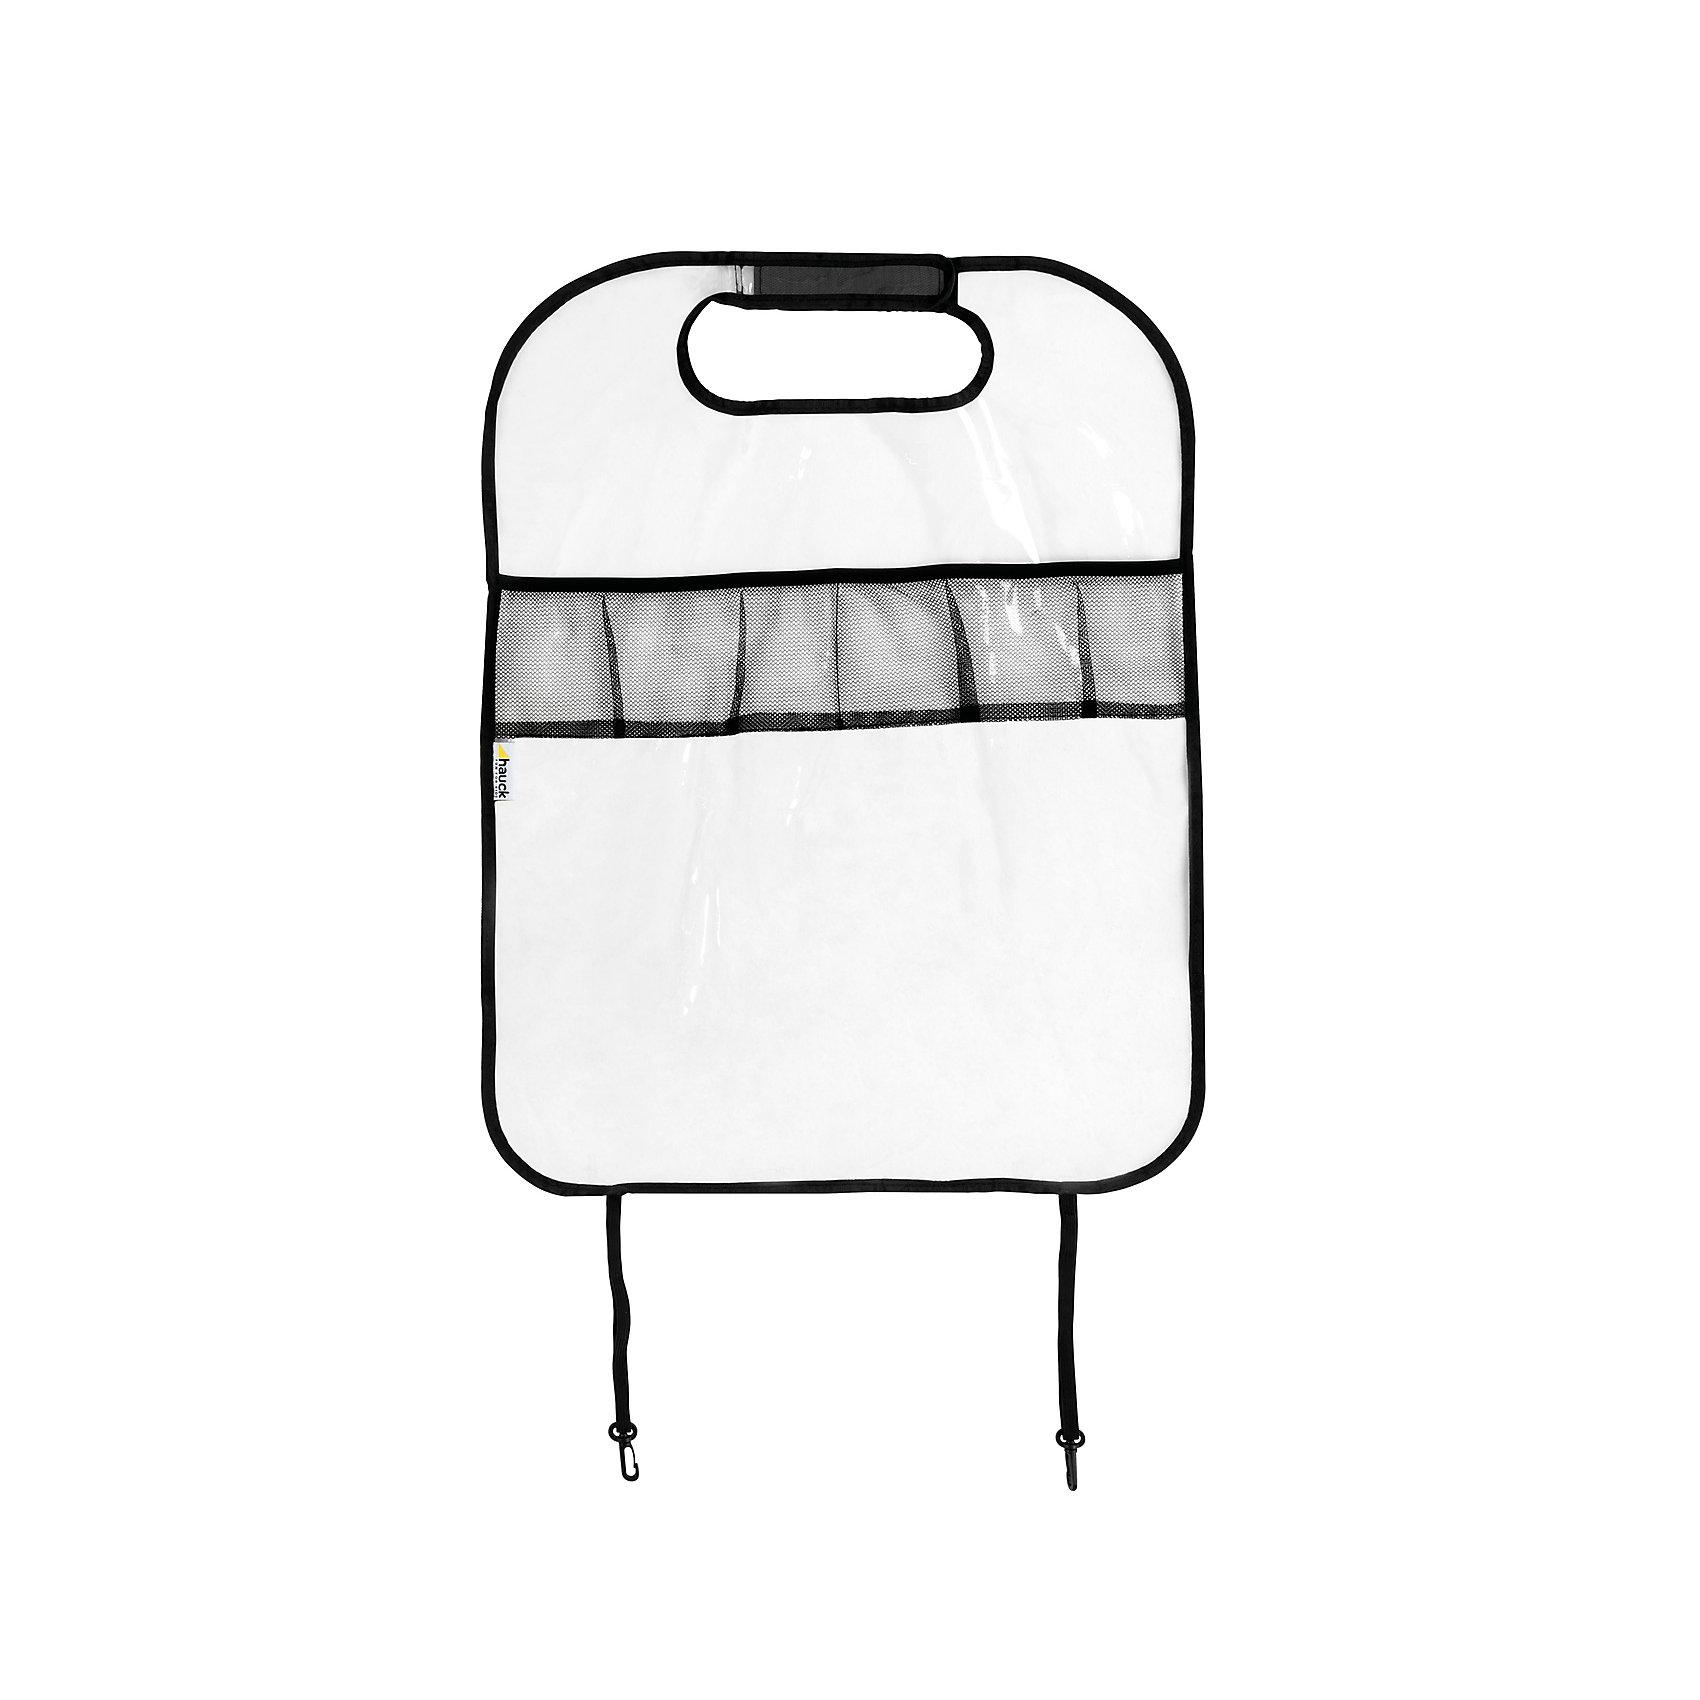 Защита на переднее кресло Cover me, HauckАксессуары для колясок<br>Защита на переднее кресло автомобиля оснащена сетчатыми кармашками для мелких предметов. Специальные крепления позволяют зафиксировать чехол, чтобы во время движения автомобиля, а также при наполнении карманов, чехол не елозил. Чехол на сиденье изготовлен из водонепроницаемого материала. <br><br>Размер чехла: 38х58 см<br><br>Защиту на переднее кресло Cover me, Hauck можно купить в нашем интернет-магазине.<br><br>Ширина мм: 179<br>Глубина мм: 172<br>Высота мм: 35<br>Вес г: 168<br>Возраст от месяцев: 0<br>Возраст до месяцев: 144<br>Пол: Унисекс<br>Возраст: Детский<br>SKU: 3311335